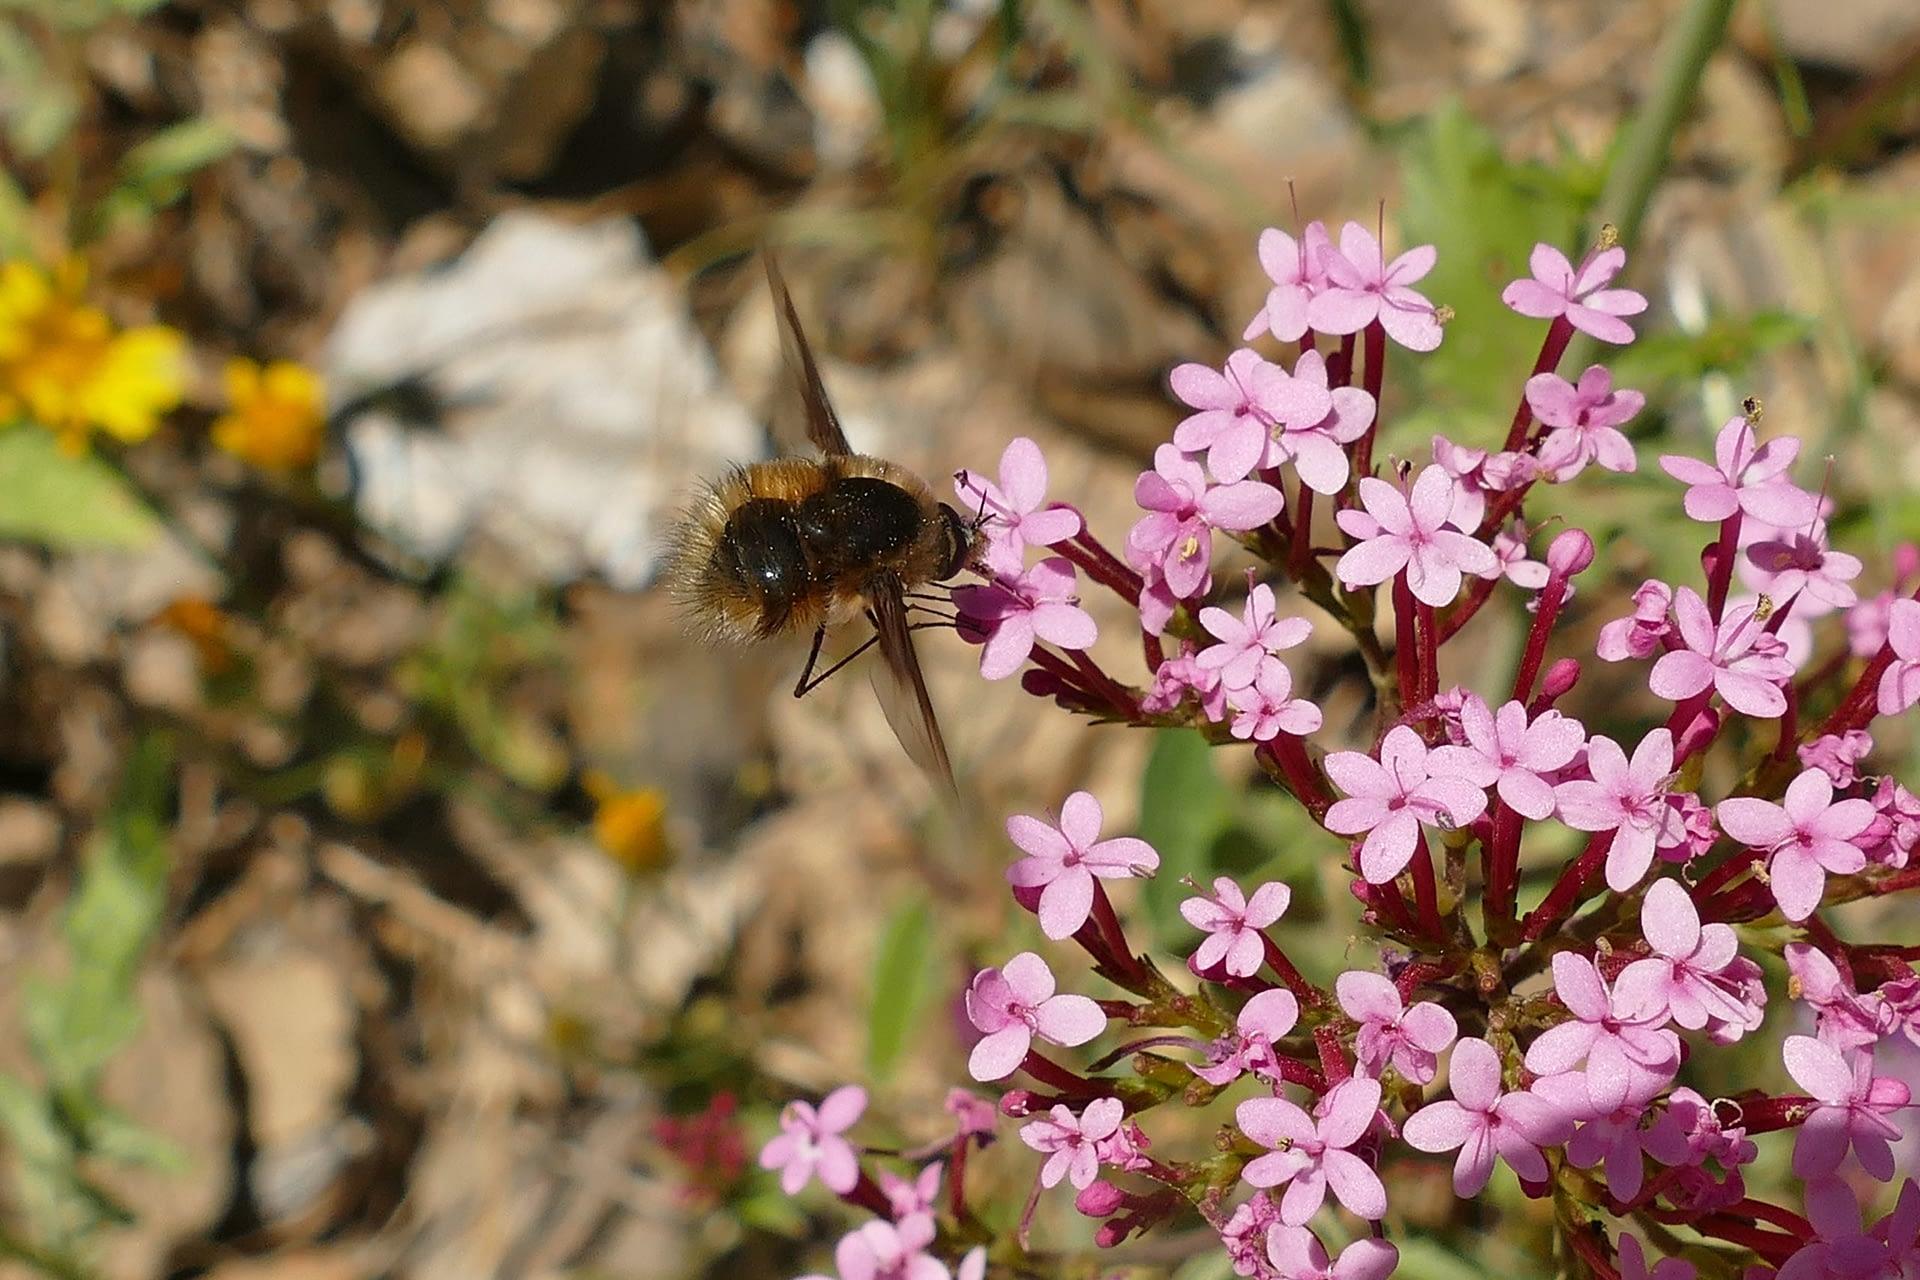 Un Bombylius spec. (Diptera: Bombyliidae) visita una flor de Centranthus macrosyphon.